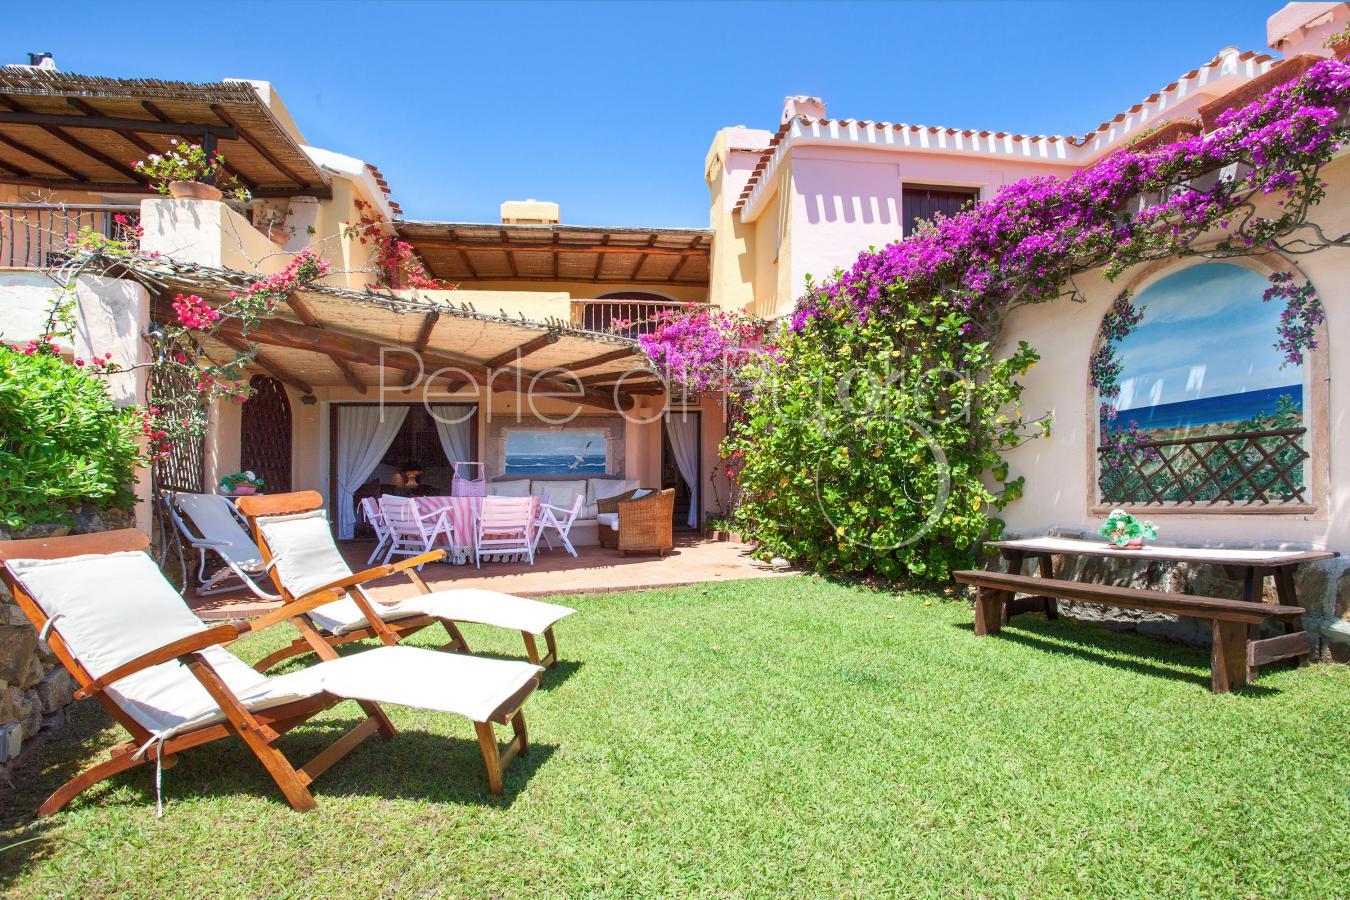 Villa vacanze con piscina a porto cervo villa dolce sposa - Casa vacanze con piscina privata ...